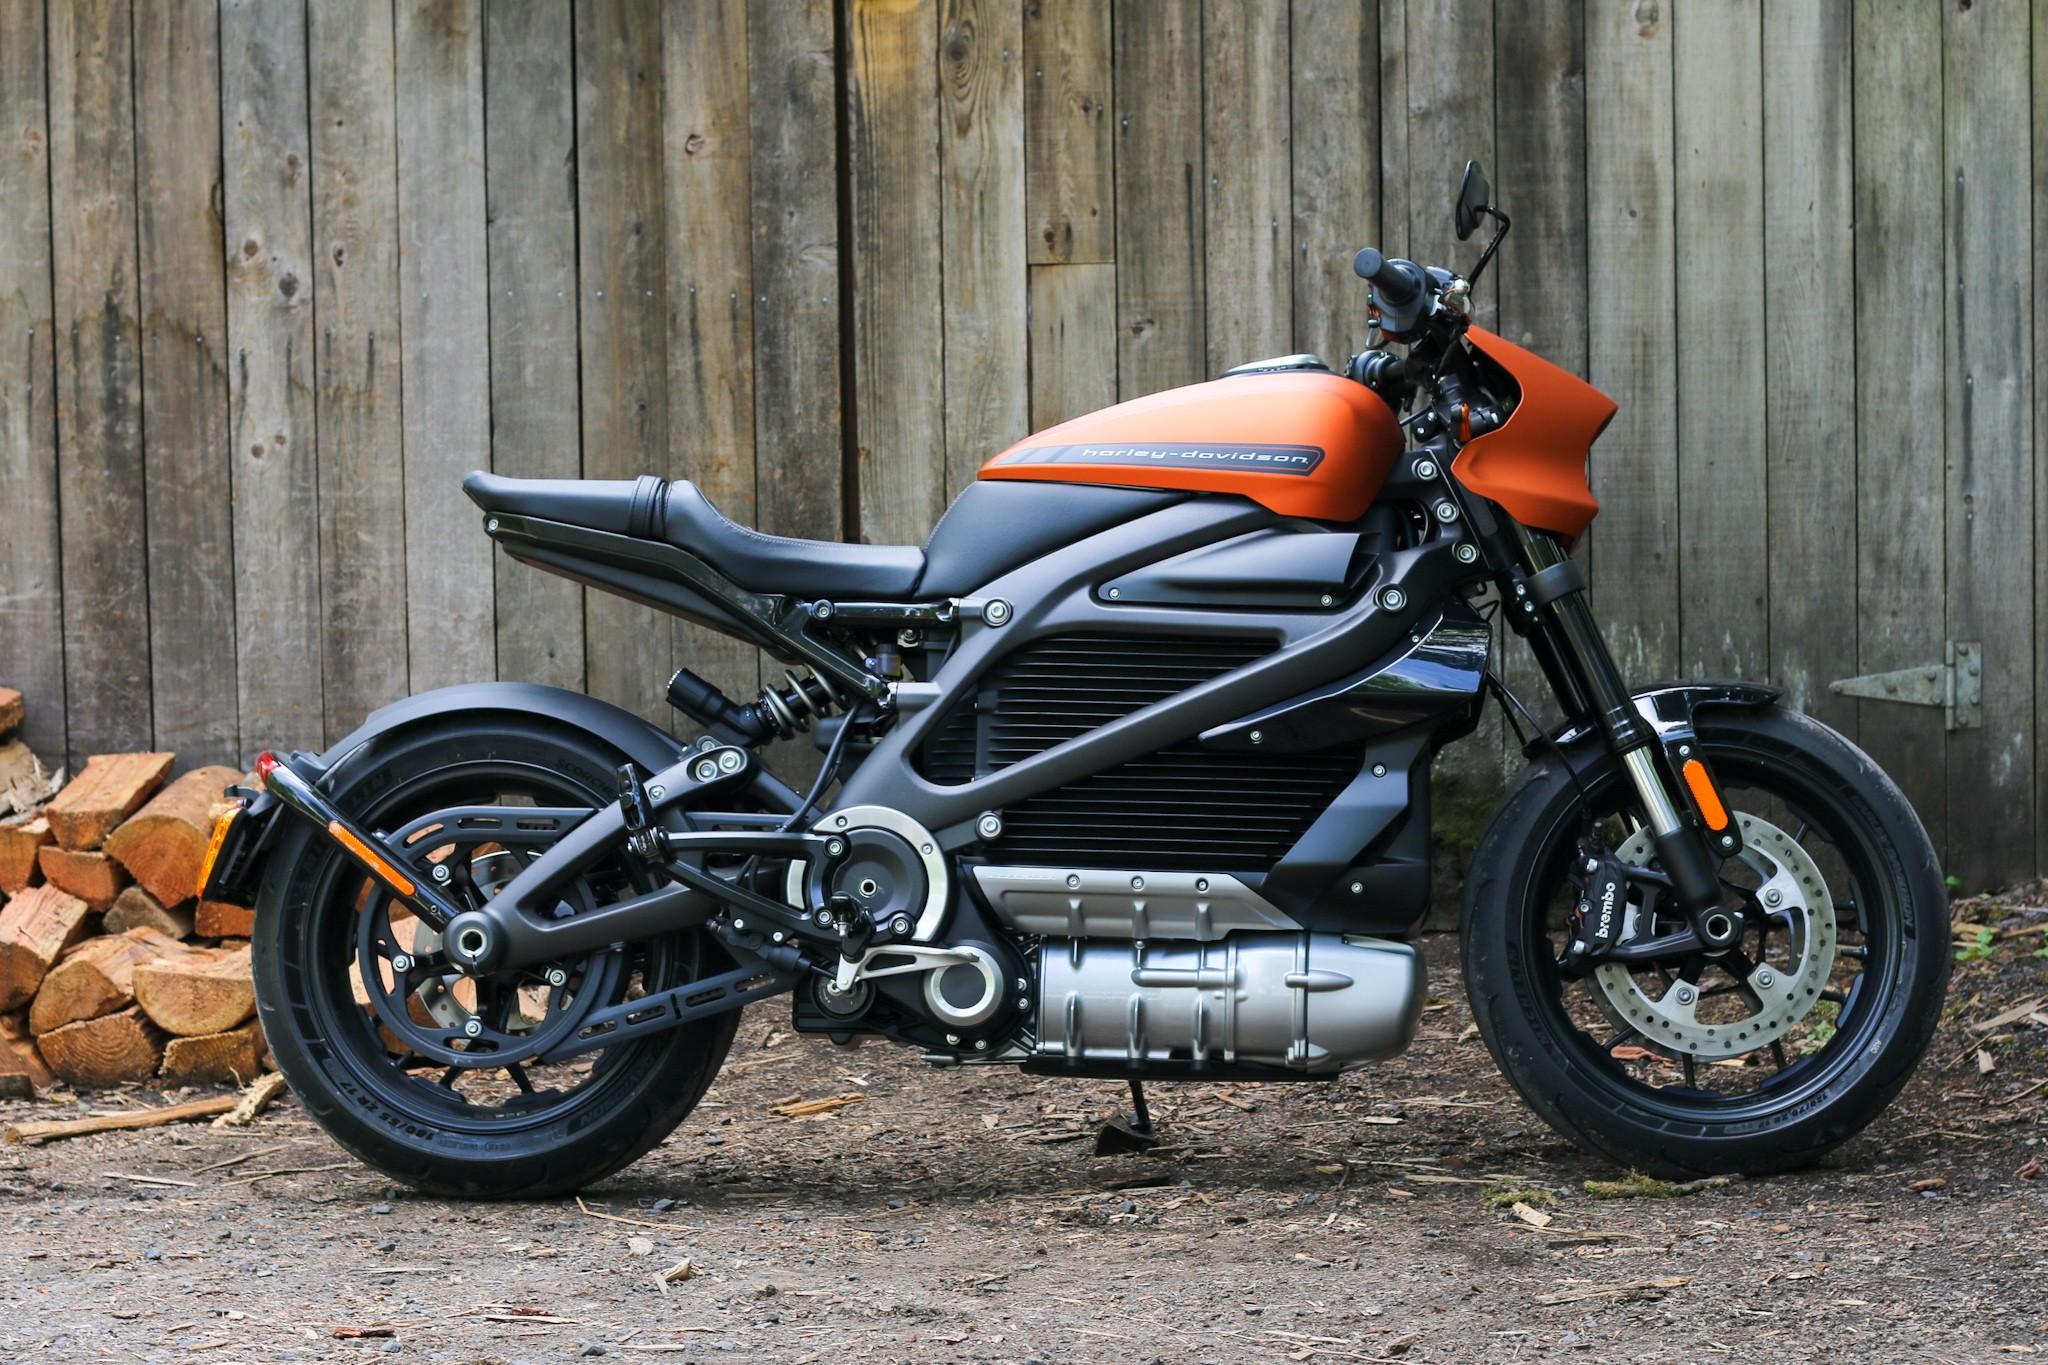 Harley-Davidson paralisa produção de sua primeira moto elétrica - Notícias - Plantão Diário